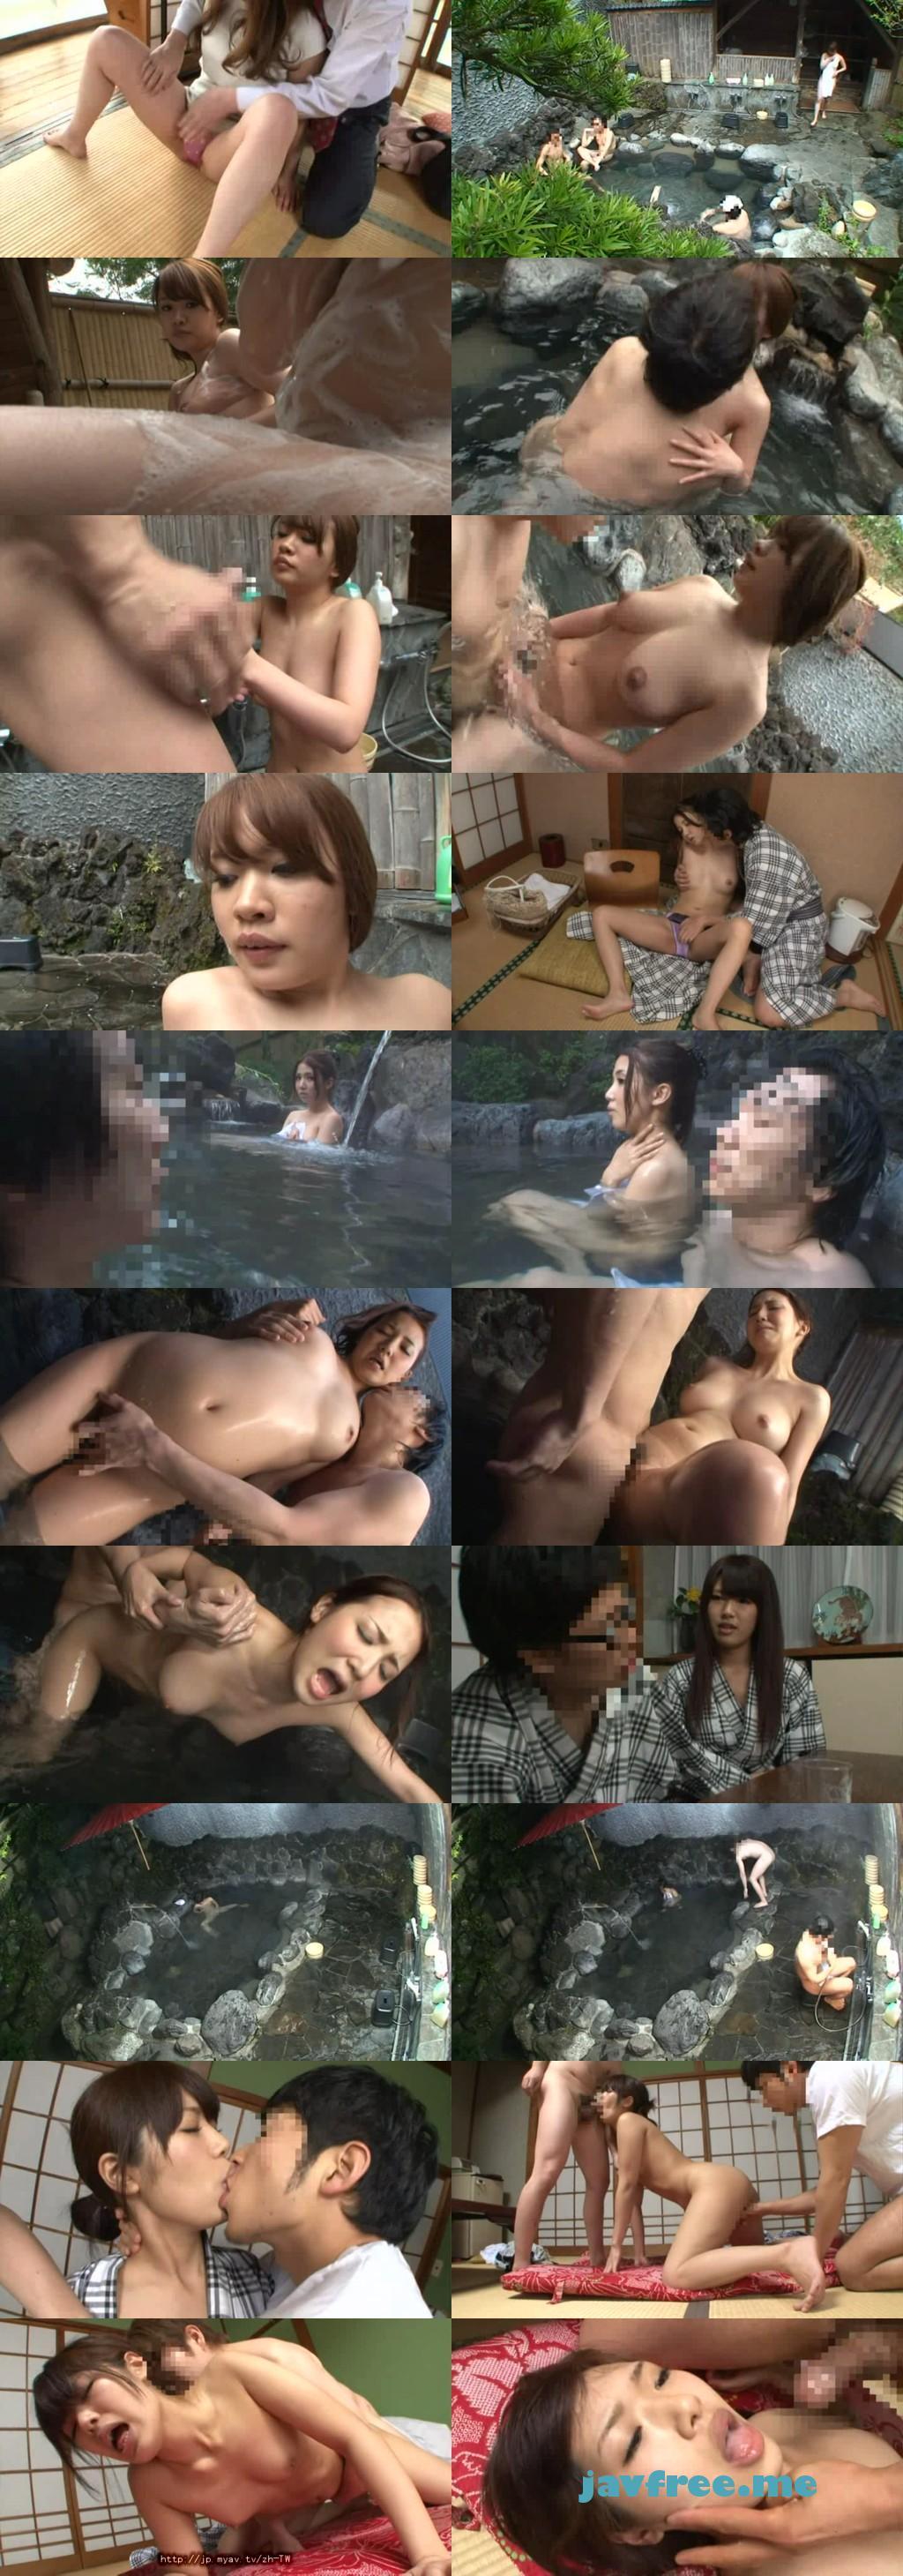 [RDD 117] 混浴露天風呂に居合わせた、欲求不満そうないい女が僕にエッチな視線を投げ掛けてきて… 森島純 桐原さとみ 友田彩也香 RDD